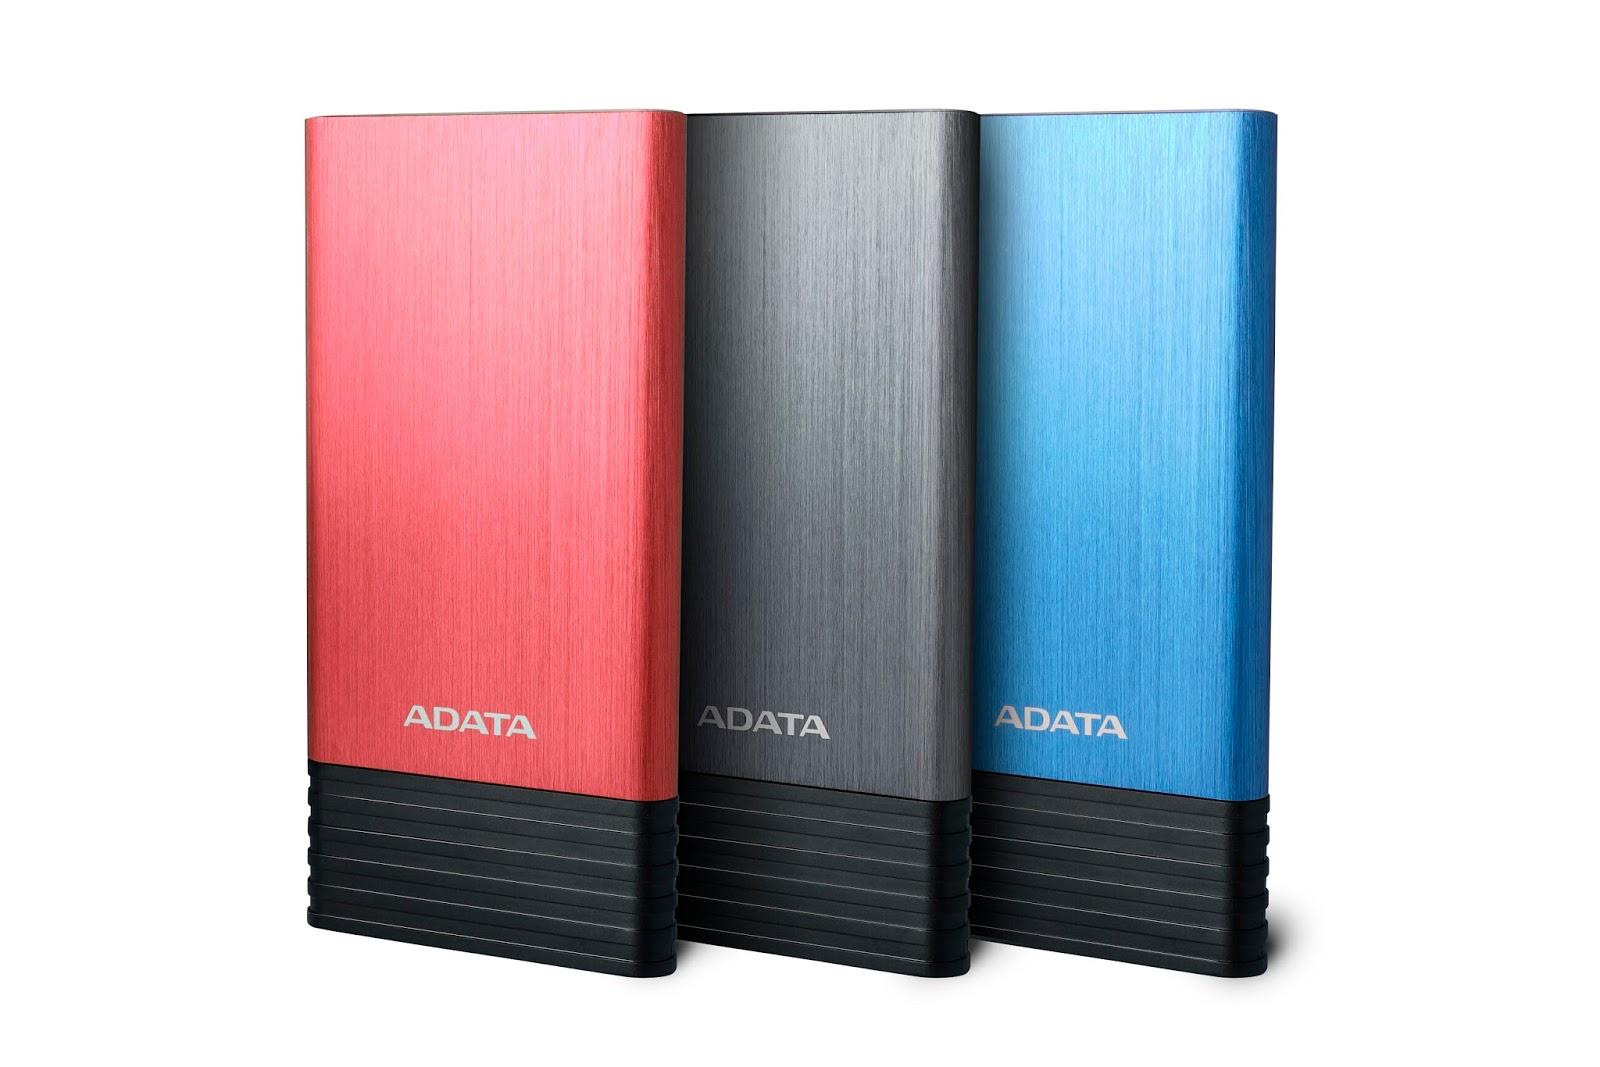 ADATA X7000 Power Bank